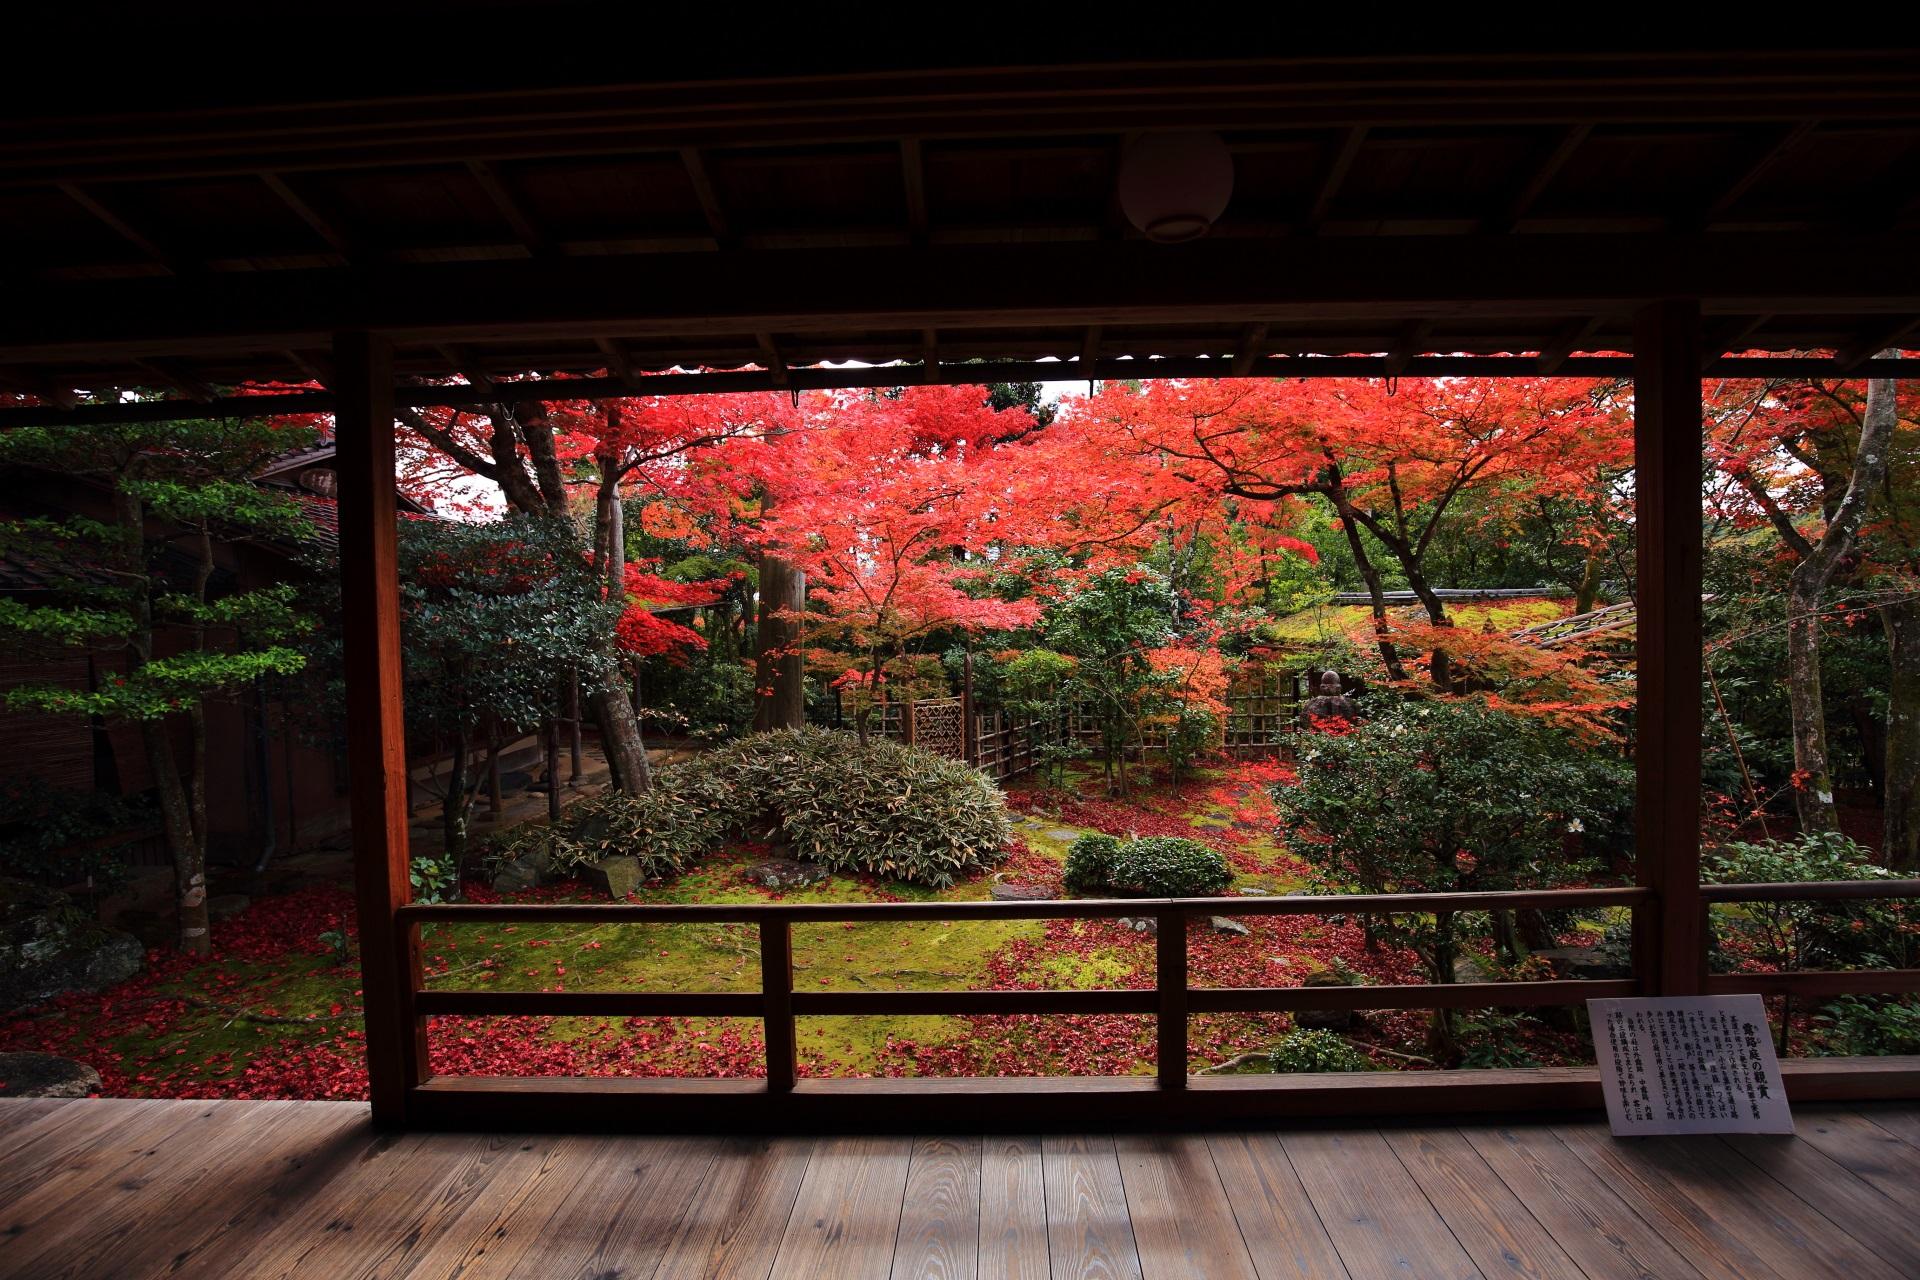 落ち着いた庭園でほのかに光るような鮮やかな紅葉